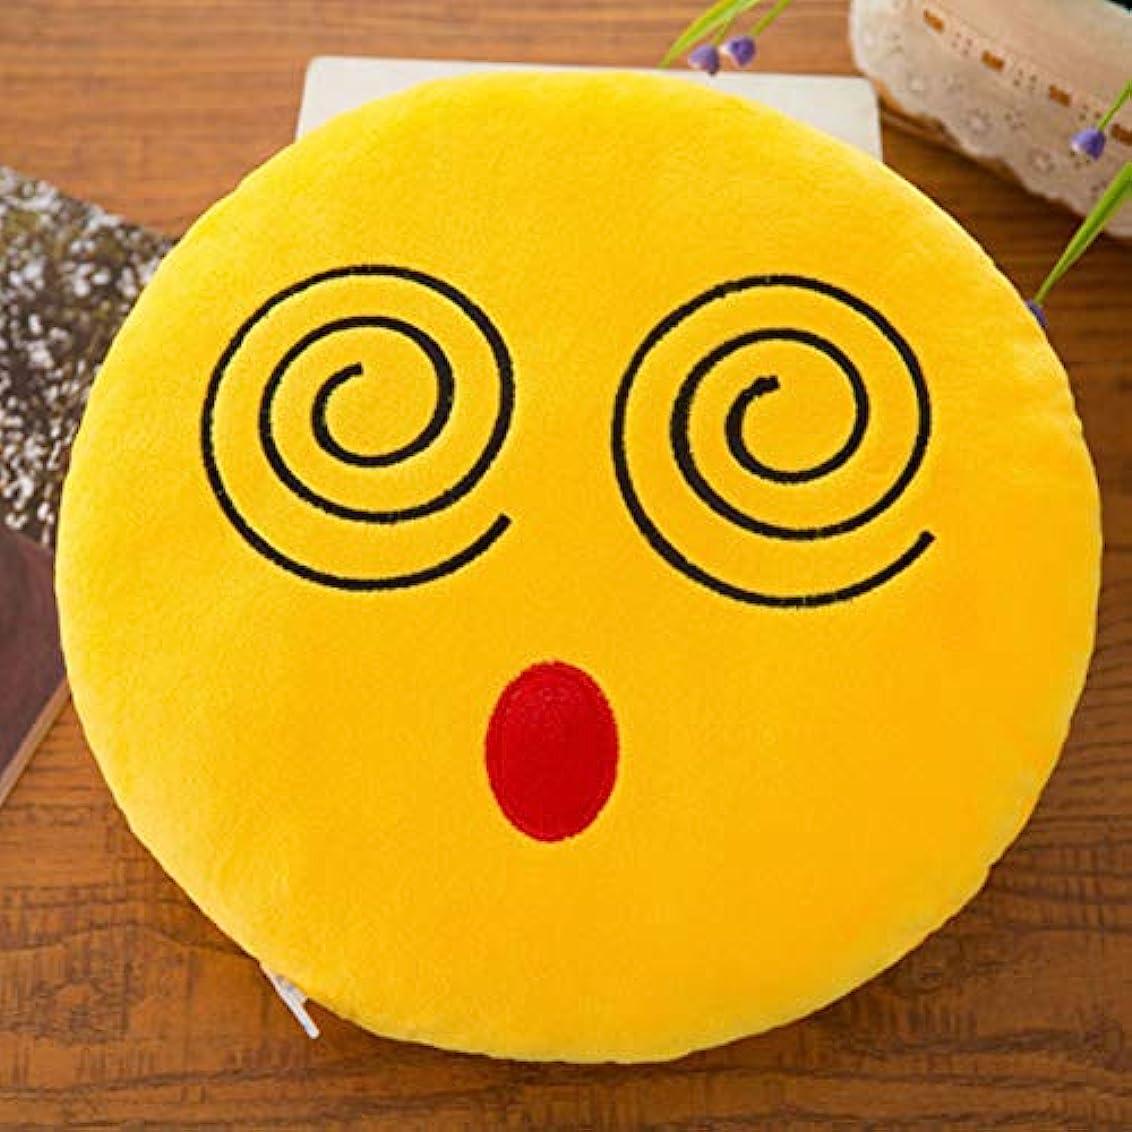 手荷物魔女しかしLIFE 40 センチメートルスマイル絵文字枕ソフトぬいぐるみ絵文字ラウンドクッション家の装飾かわいい漫画のおもちゃの人形装飾枕ドロップ船 クッション 椅子